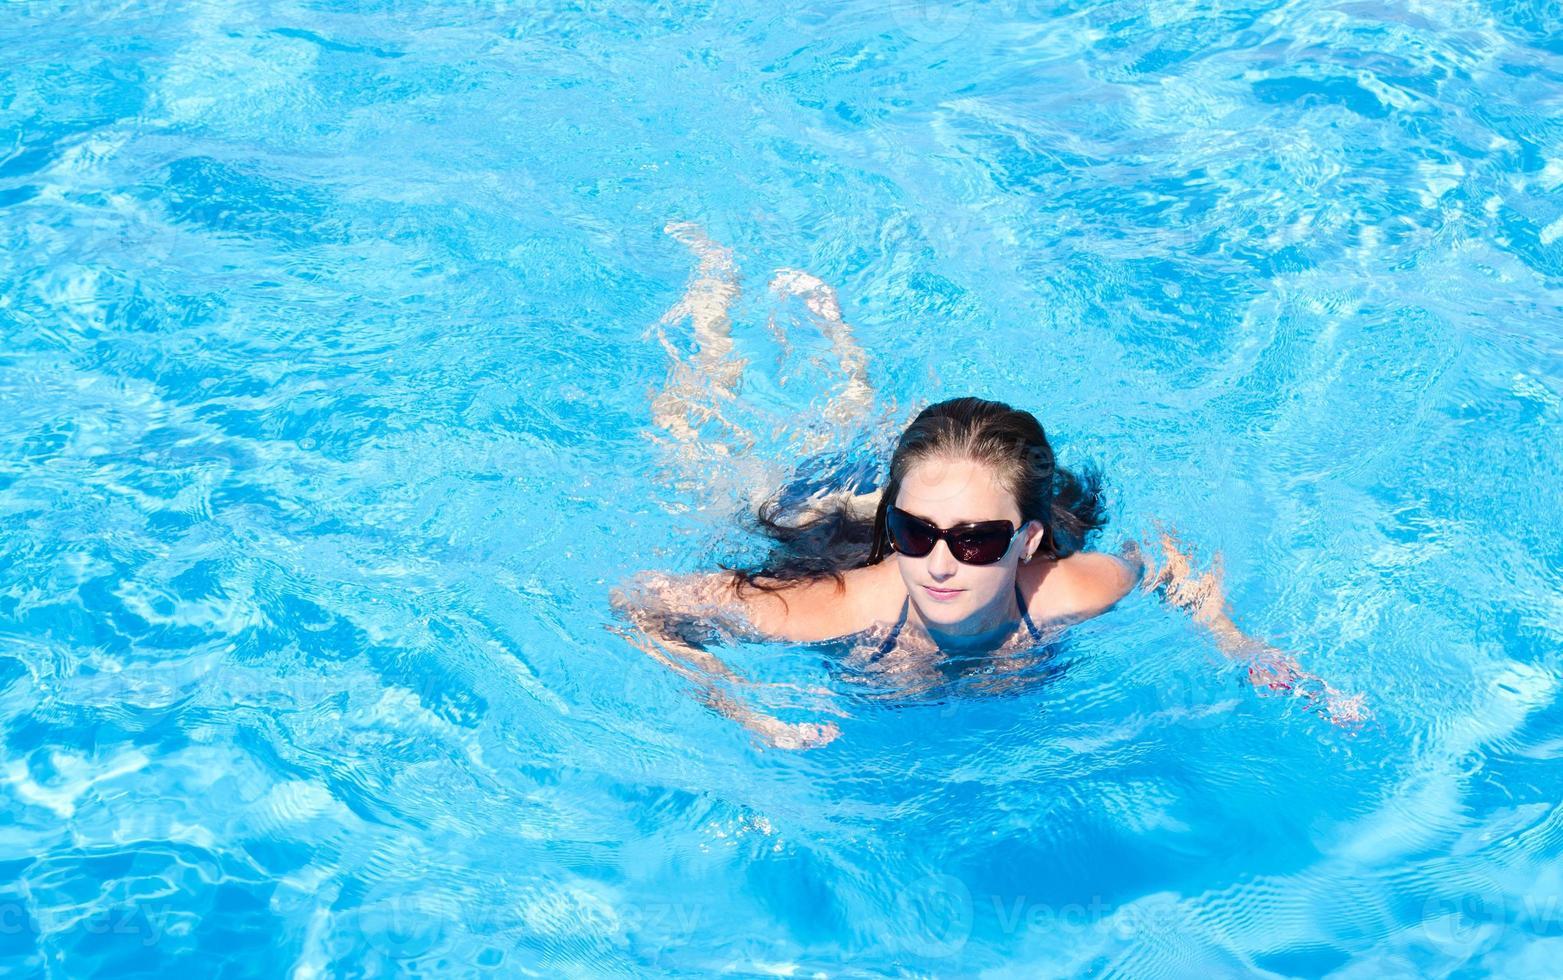 ragazza in piscina foto